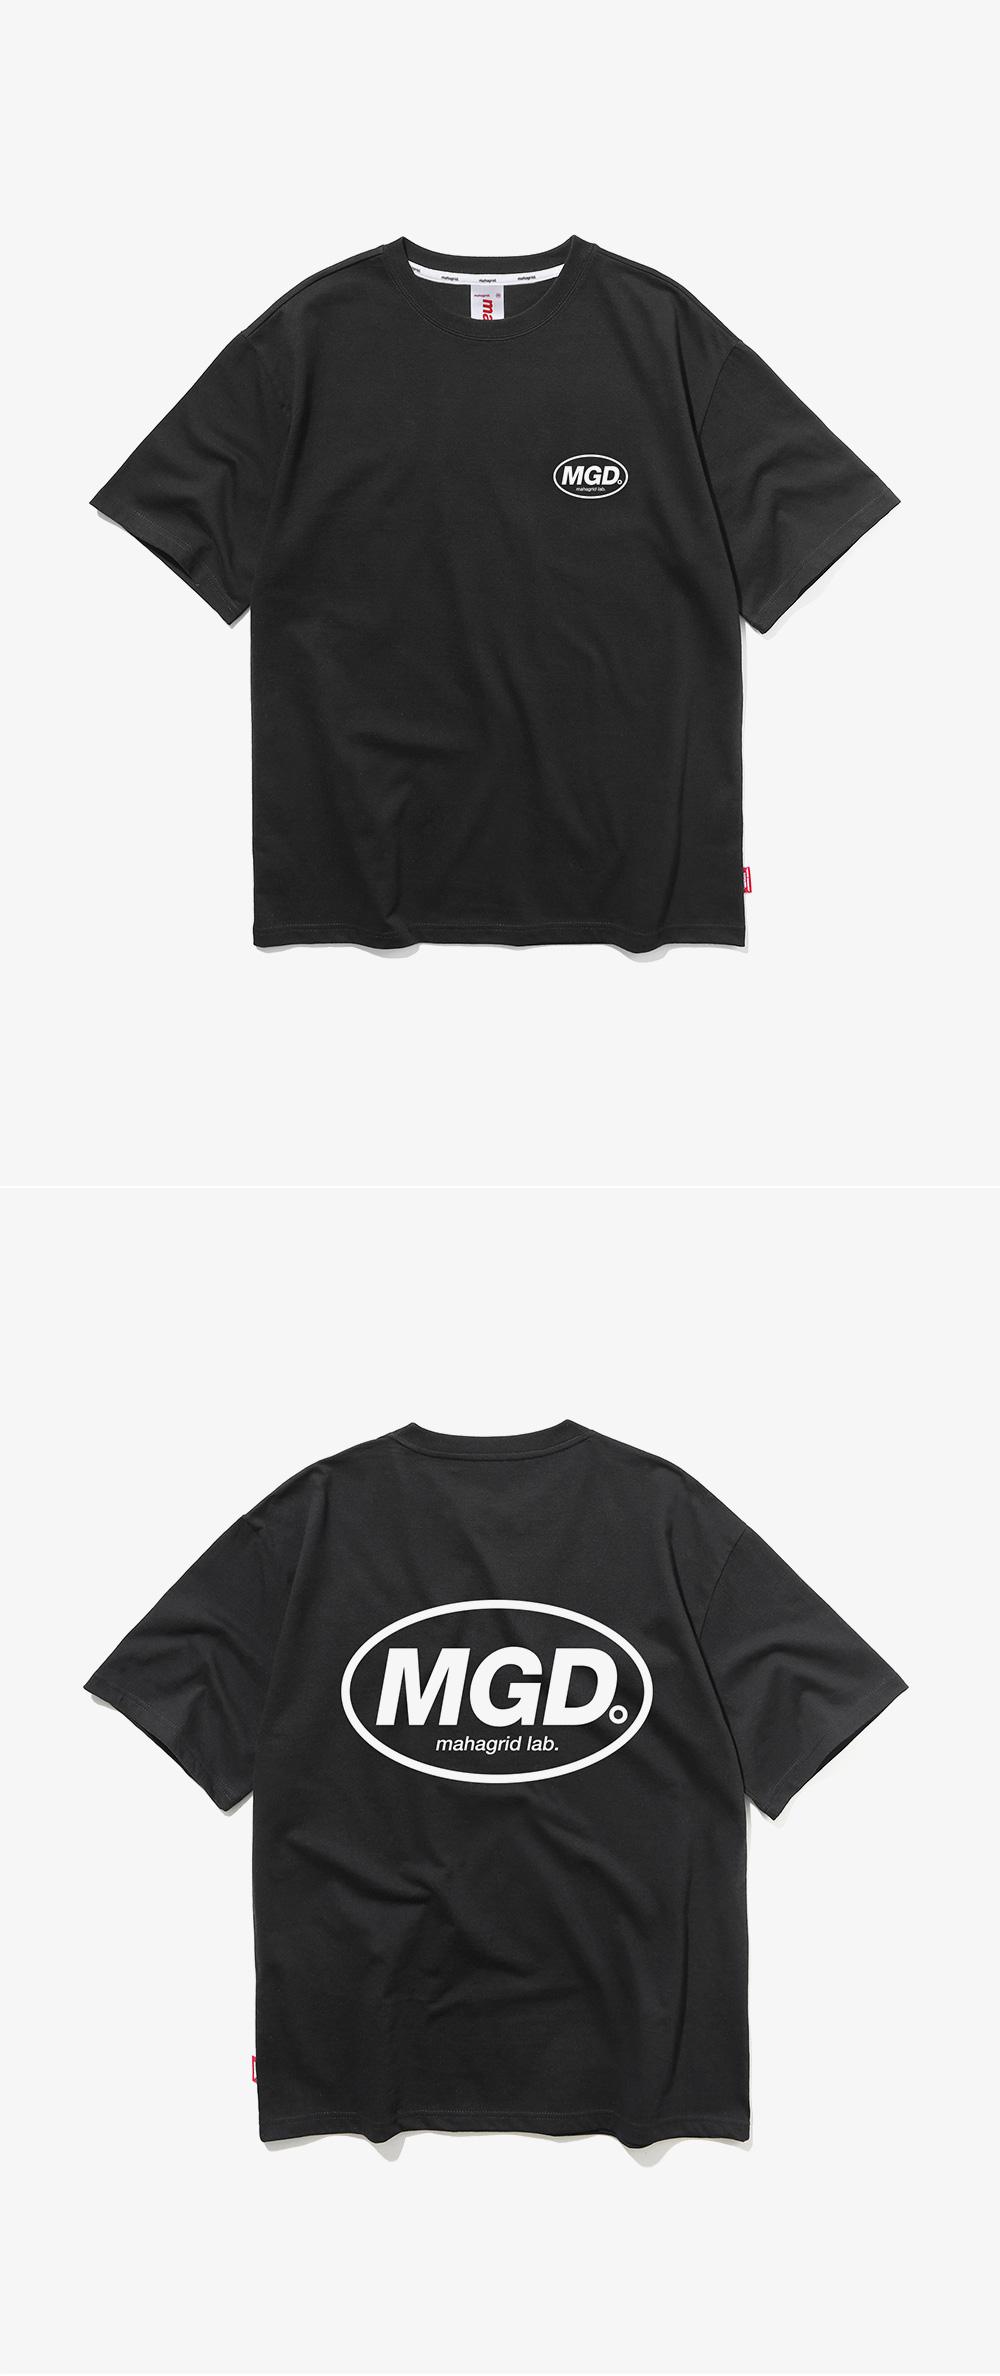 마하그리드(MAHAGRID) BACK MGD TEE BLACK (MG1JMMT507A)